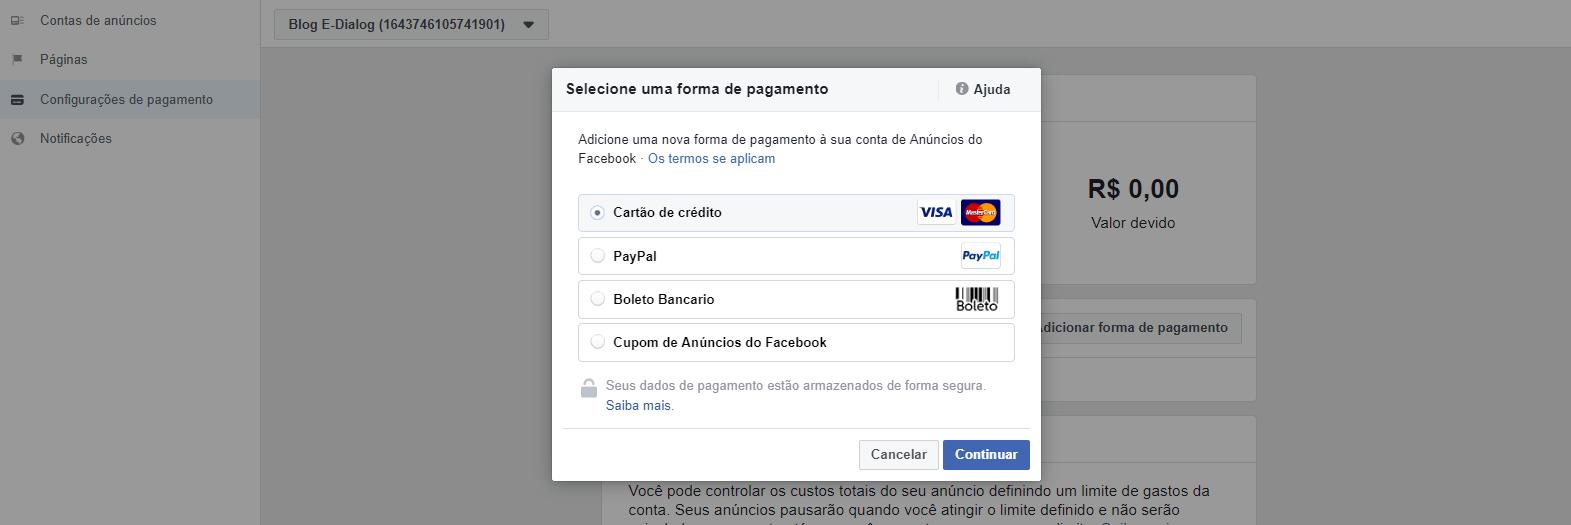 print-tutorial-como-criar-conta-de-anuncios-facebook-formas-de-pagamento